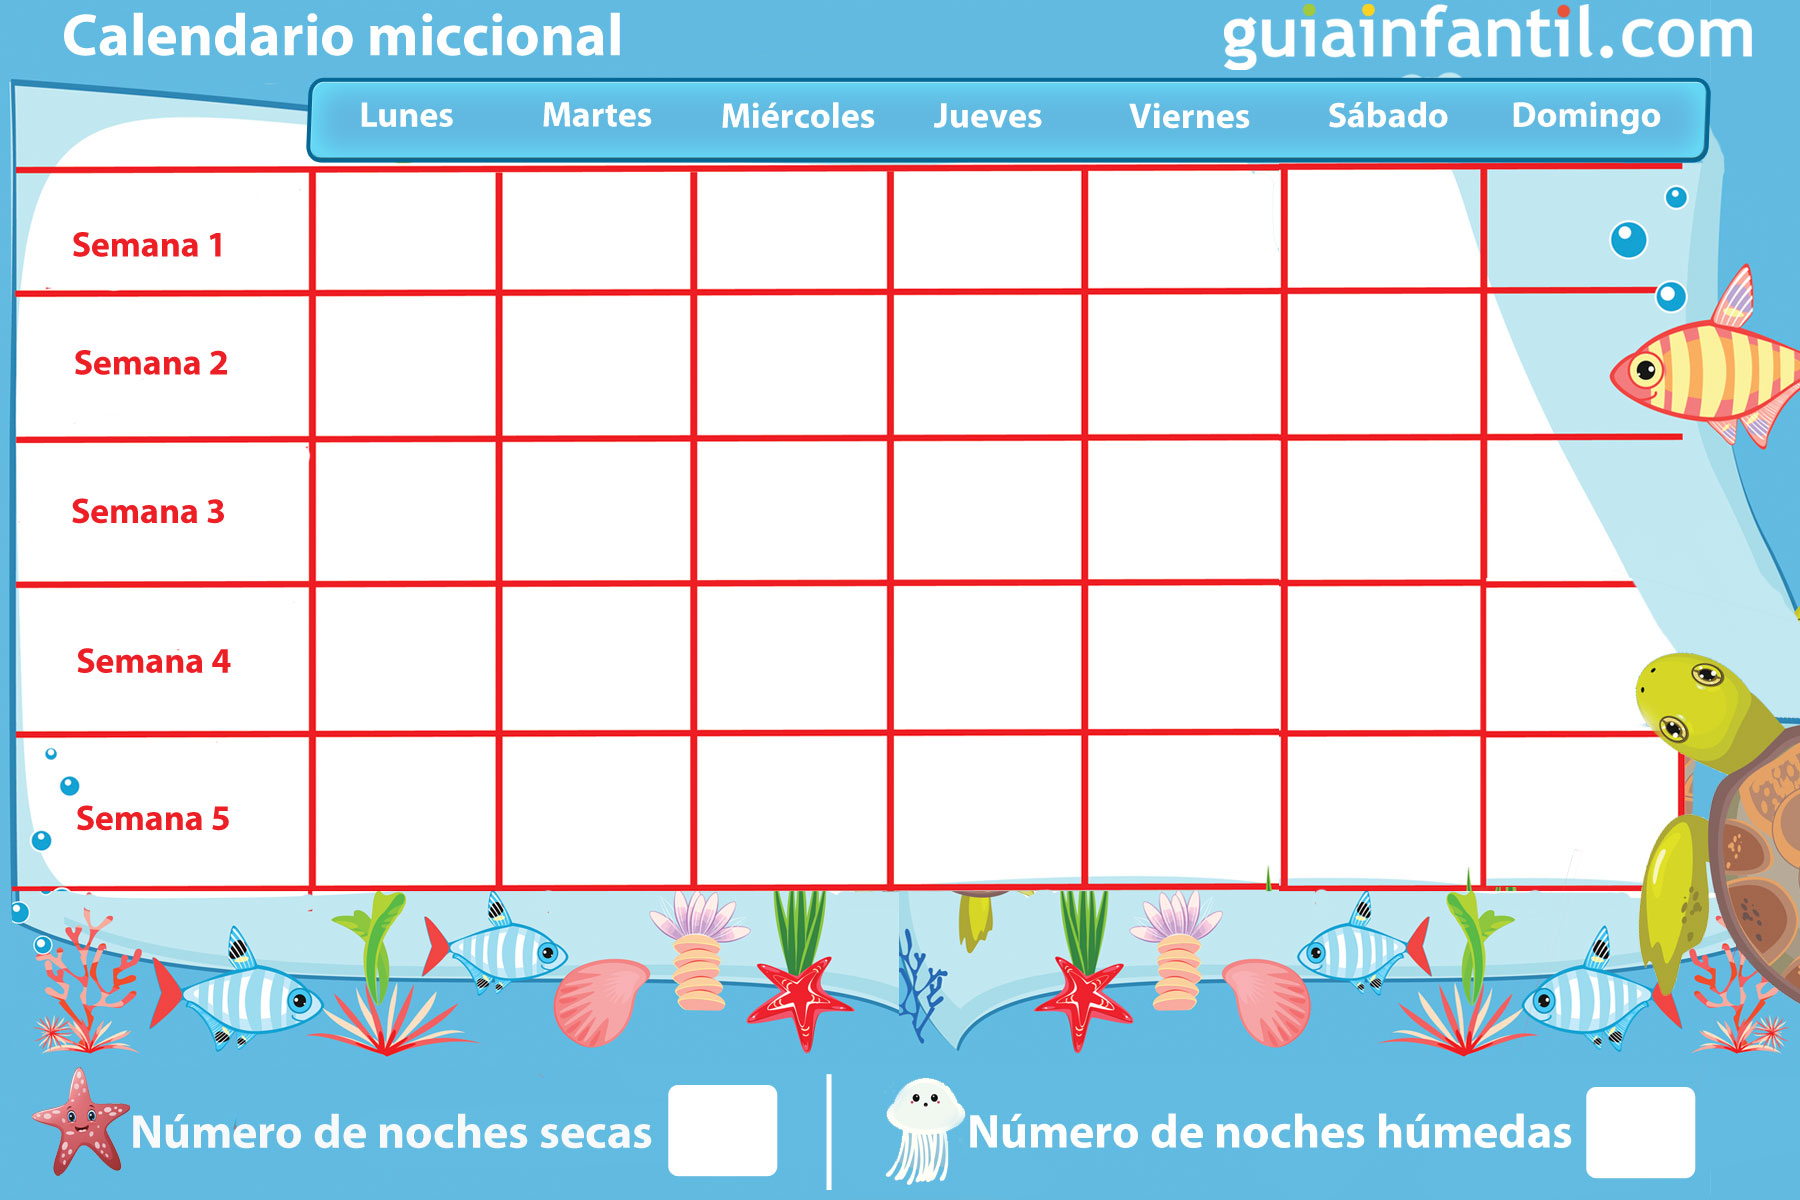 Calendario miccional para que los niños controlen el pis nocturno